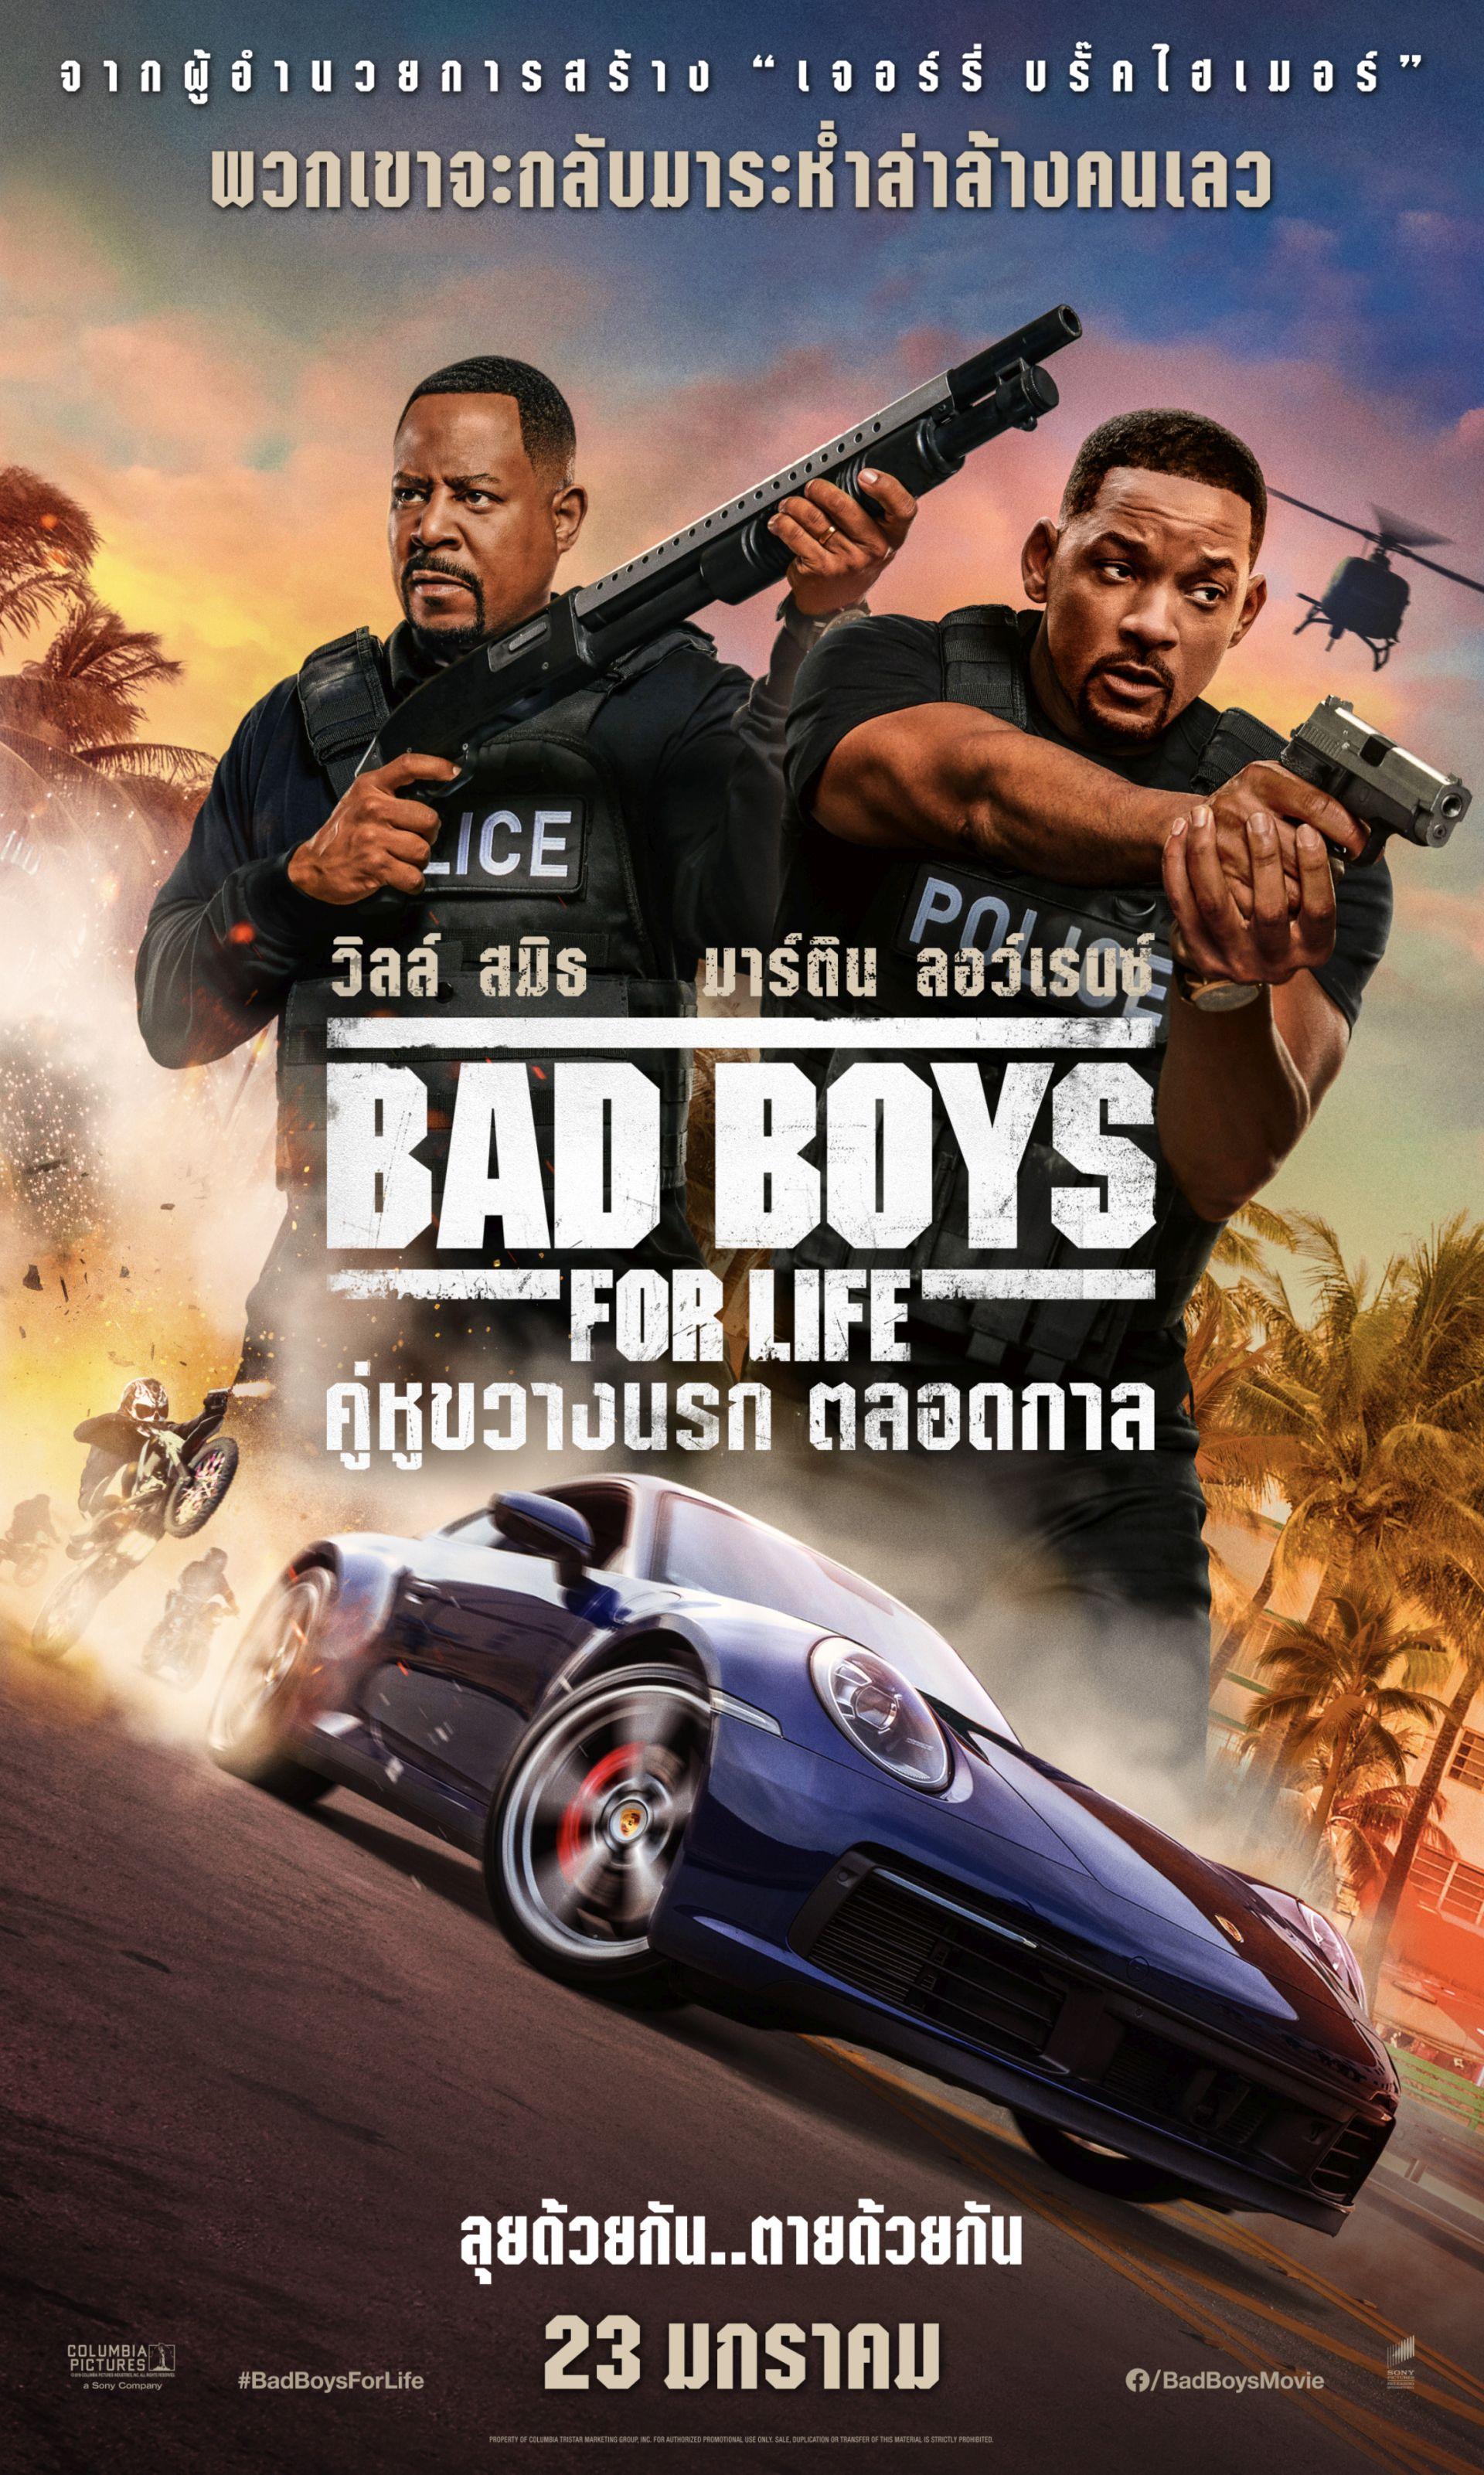 หนัง Bad Boys For Life ตัวอย่างแรก คู่หูขวางนรก กลับมาแล้ว